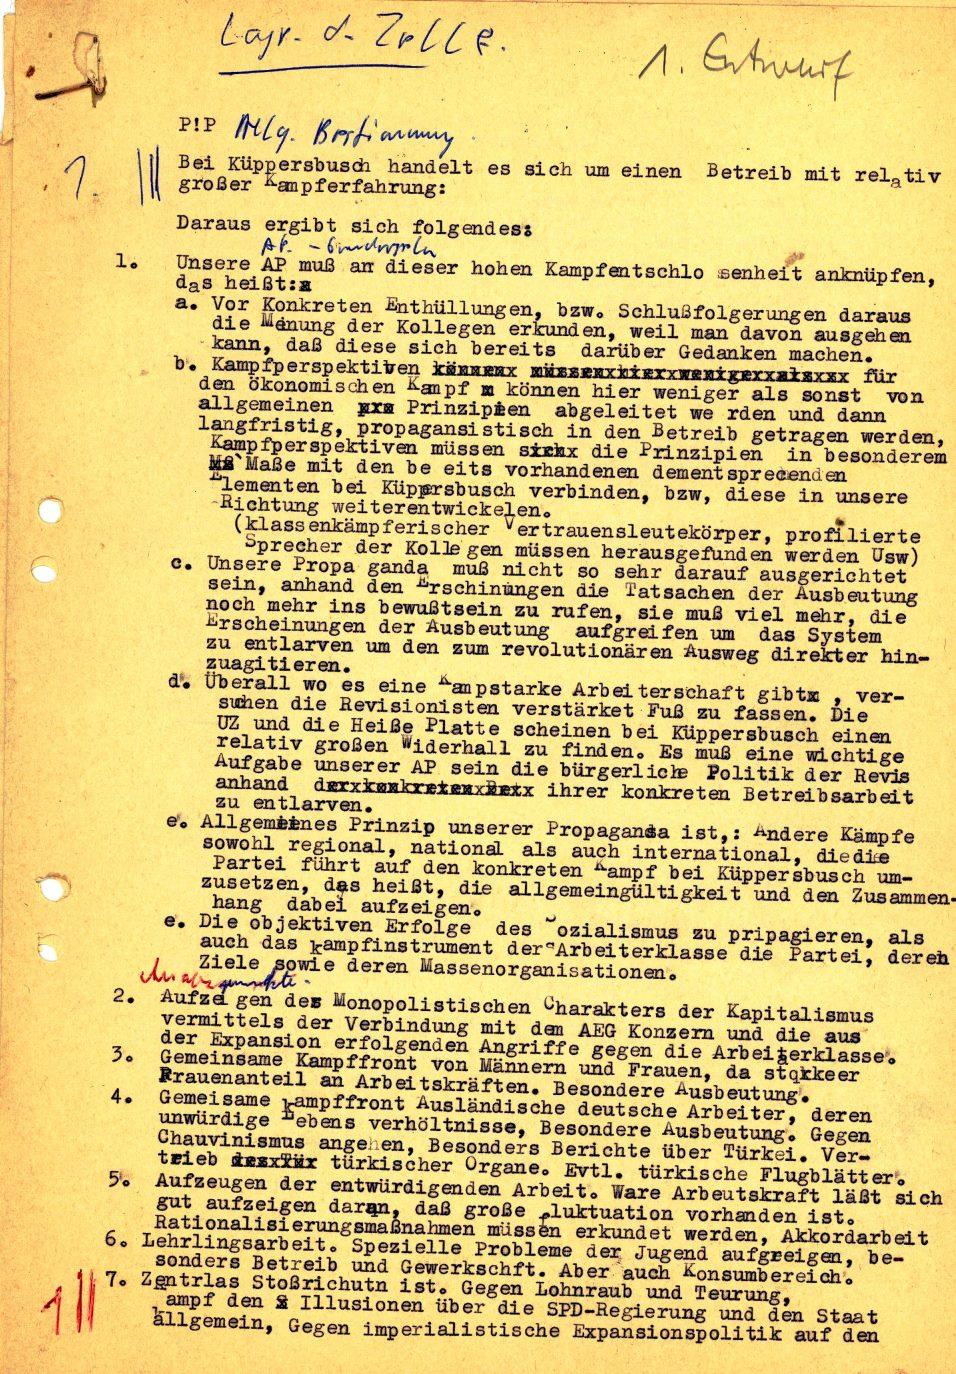 Entwurf_KPD_ML_1973_04